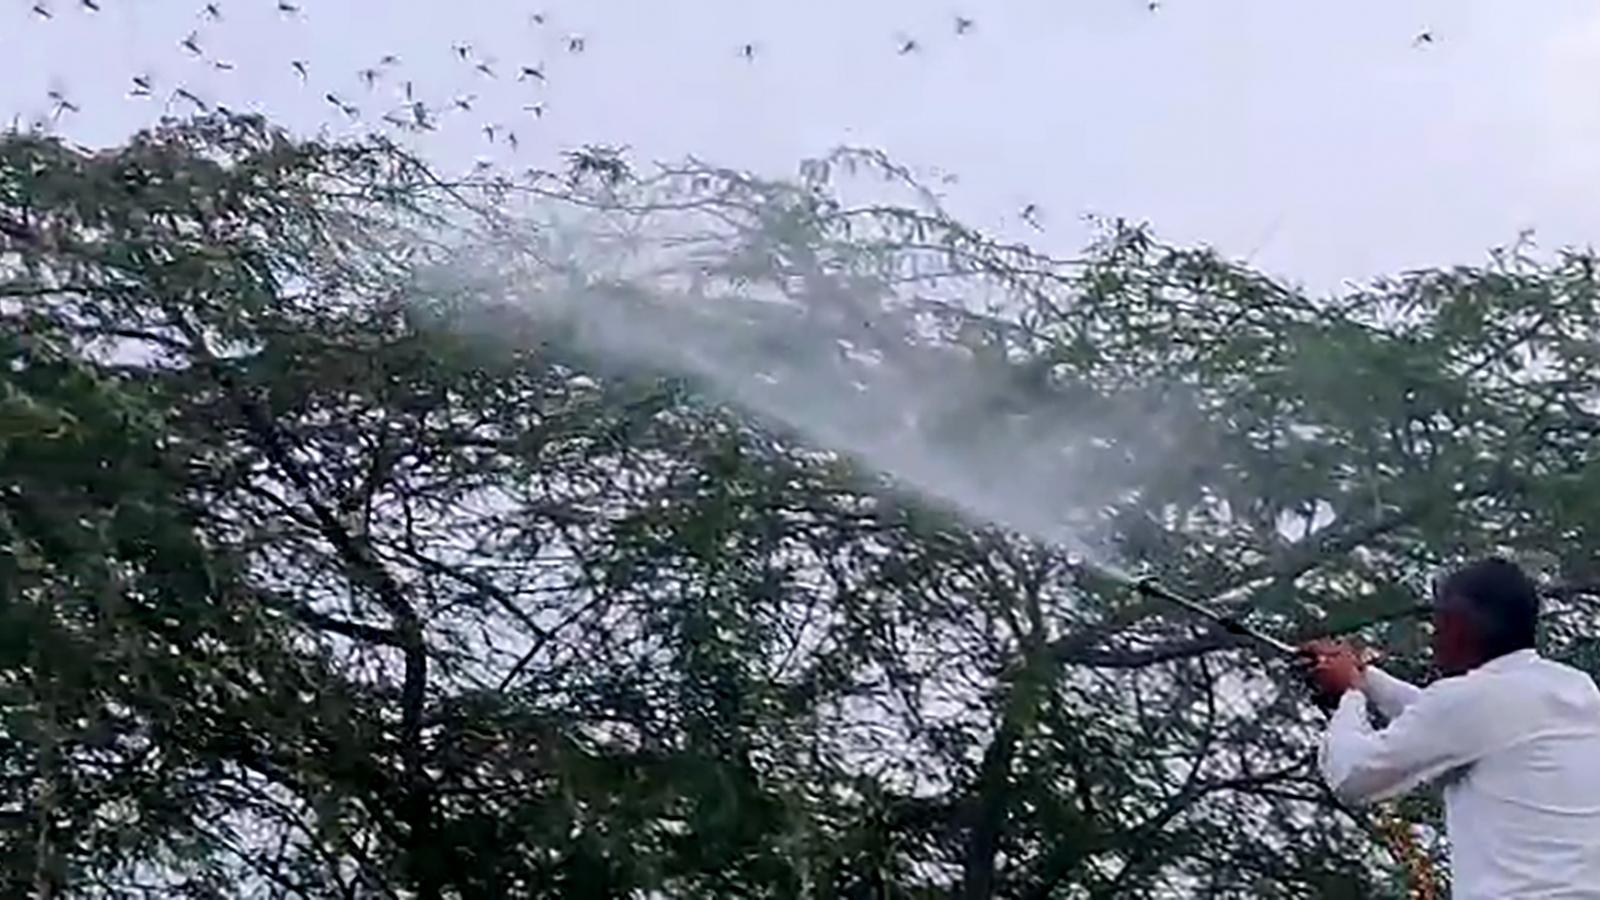 Ấn Độ báo động cao vì châu chấu sa mạc trong 4 tuần tới